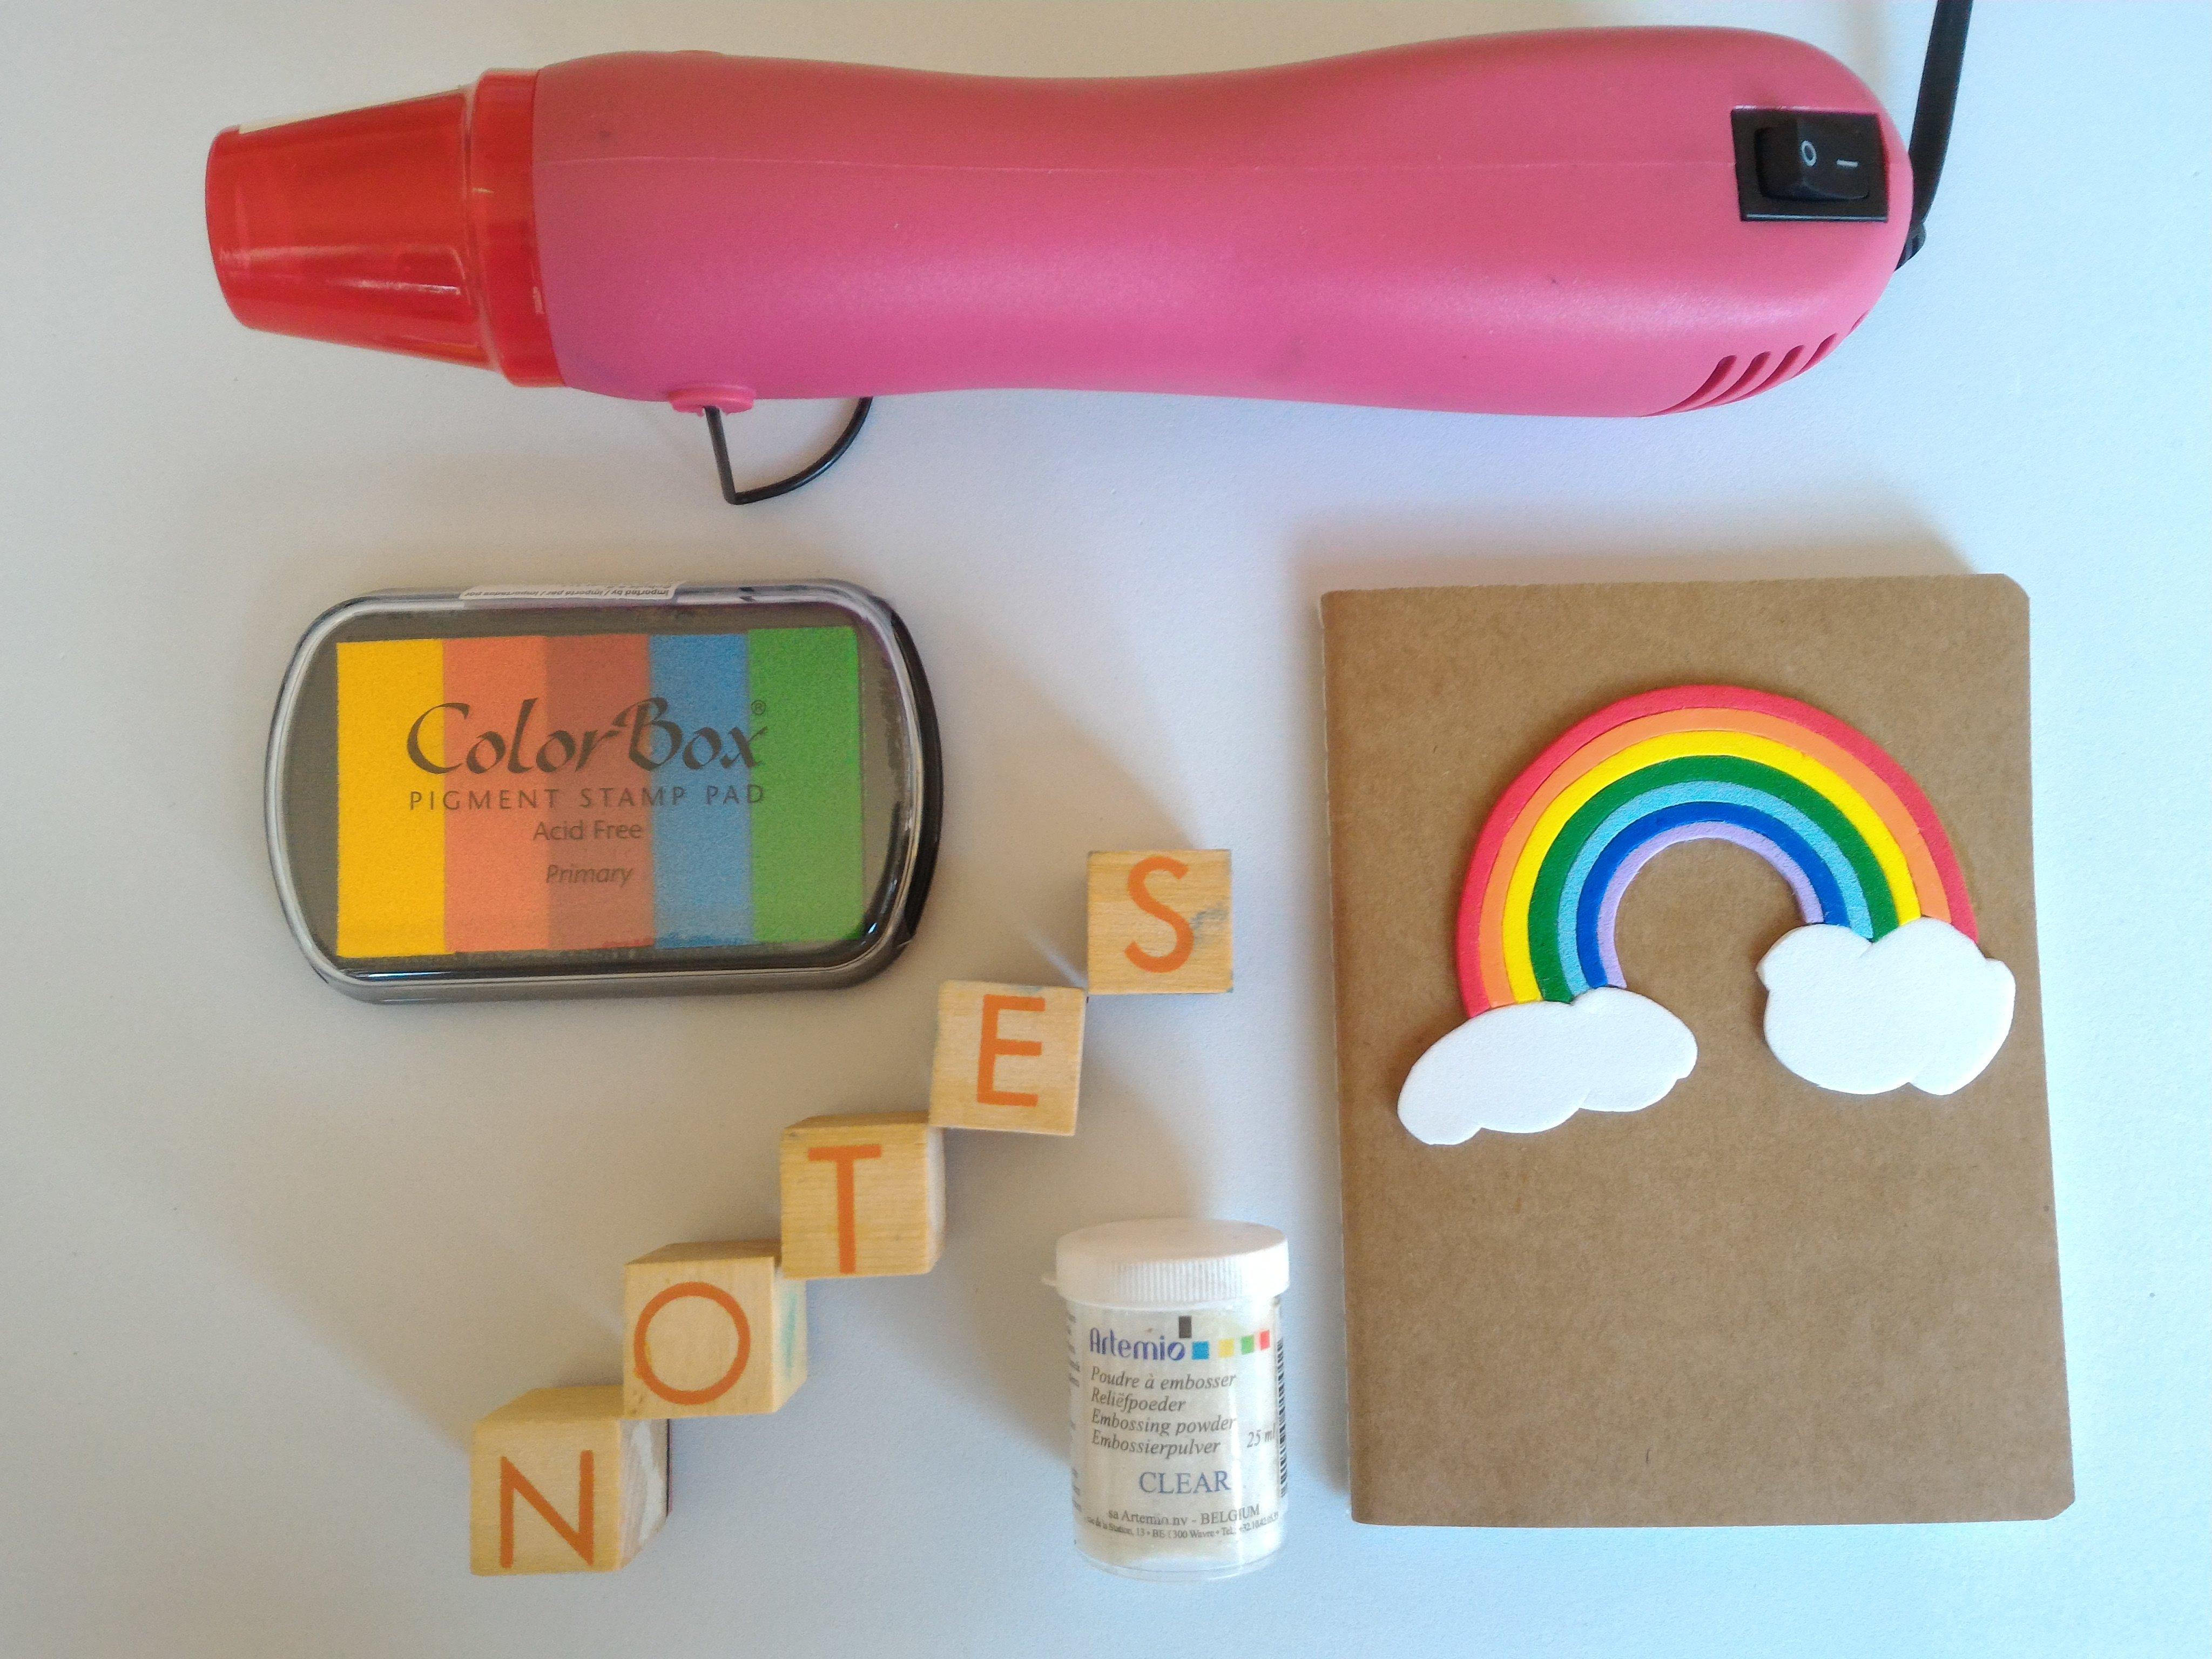 3 oam ouiareclafc rainbow chagaz et vous